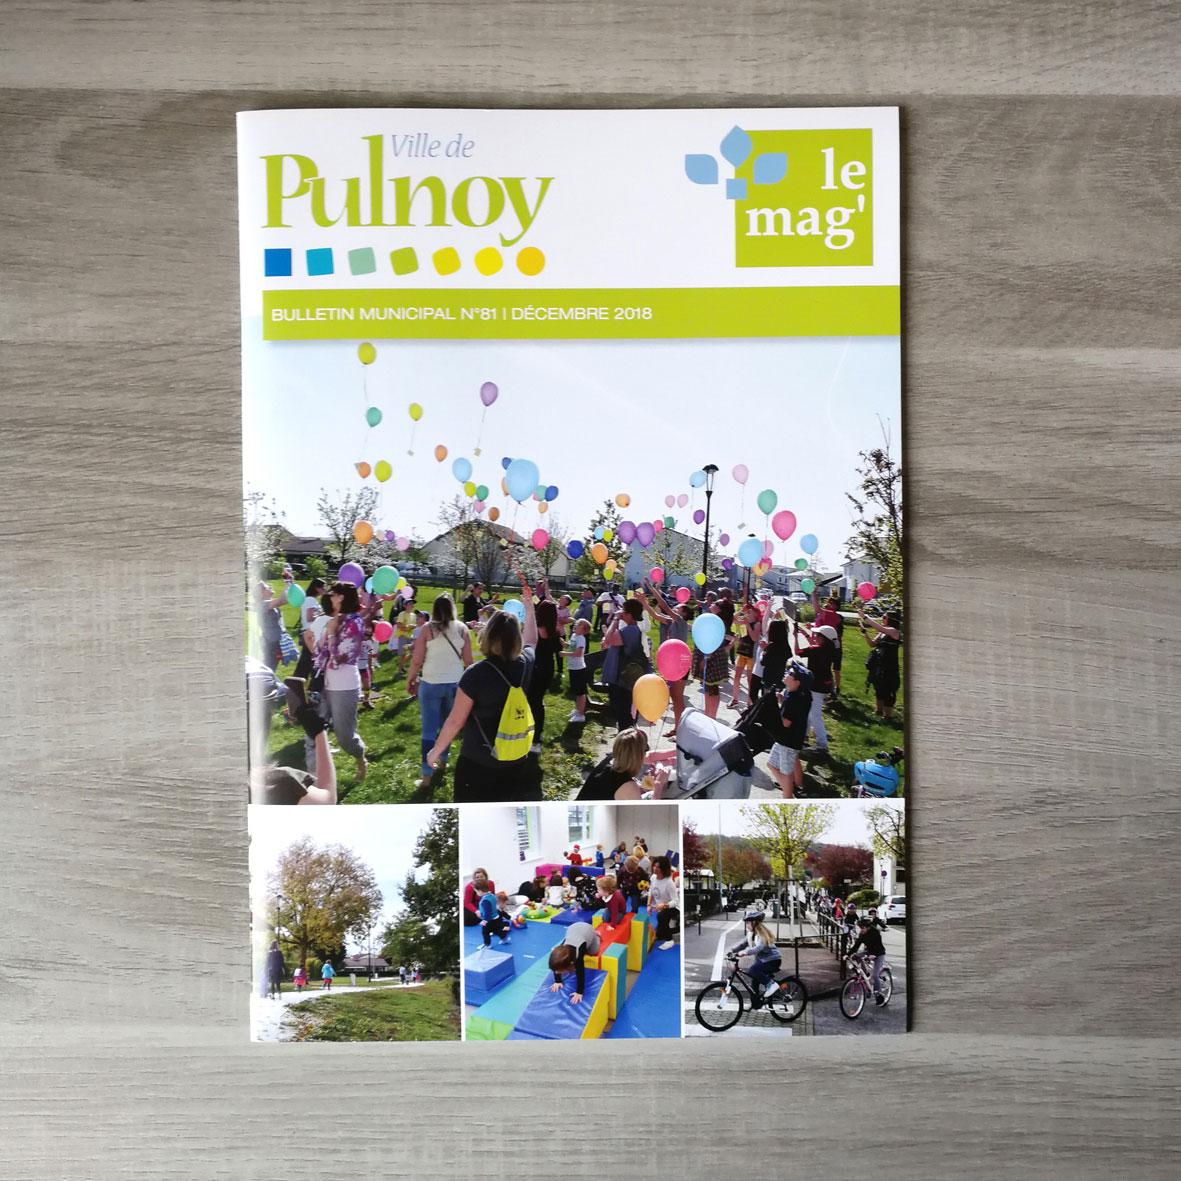 Bulletin municipal 2018 Ville de Pulnoy